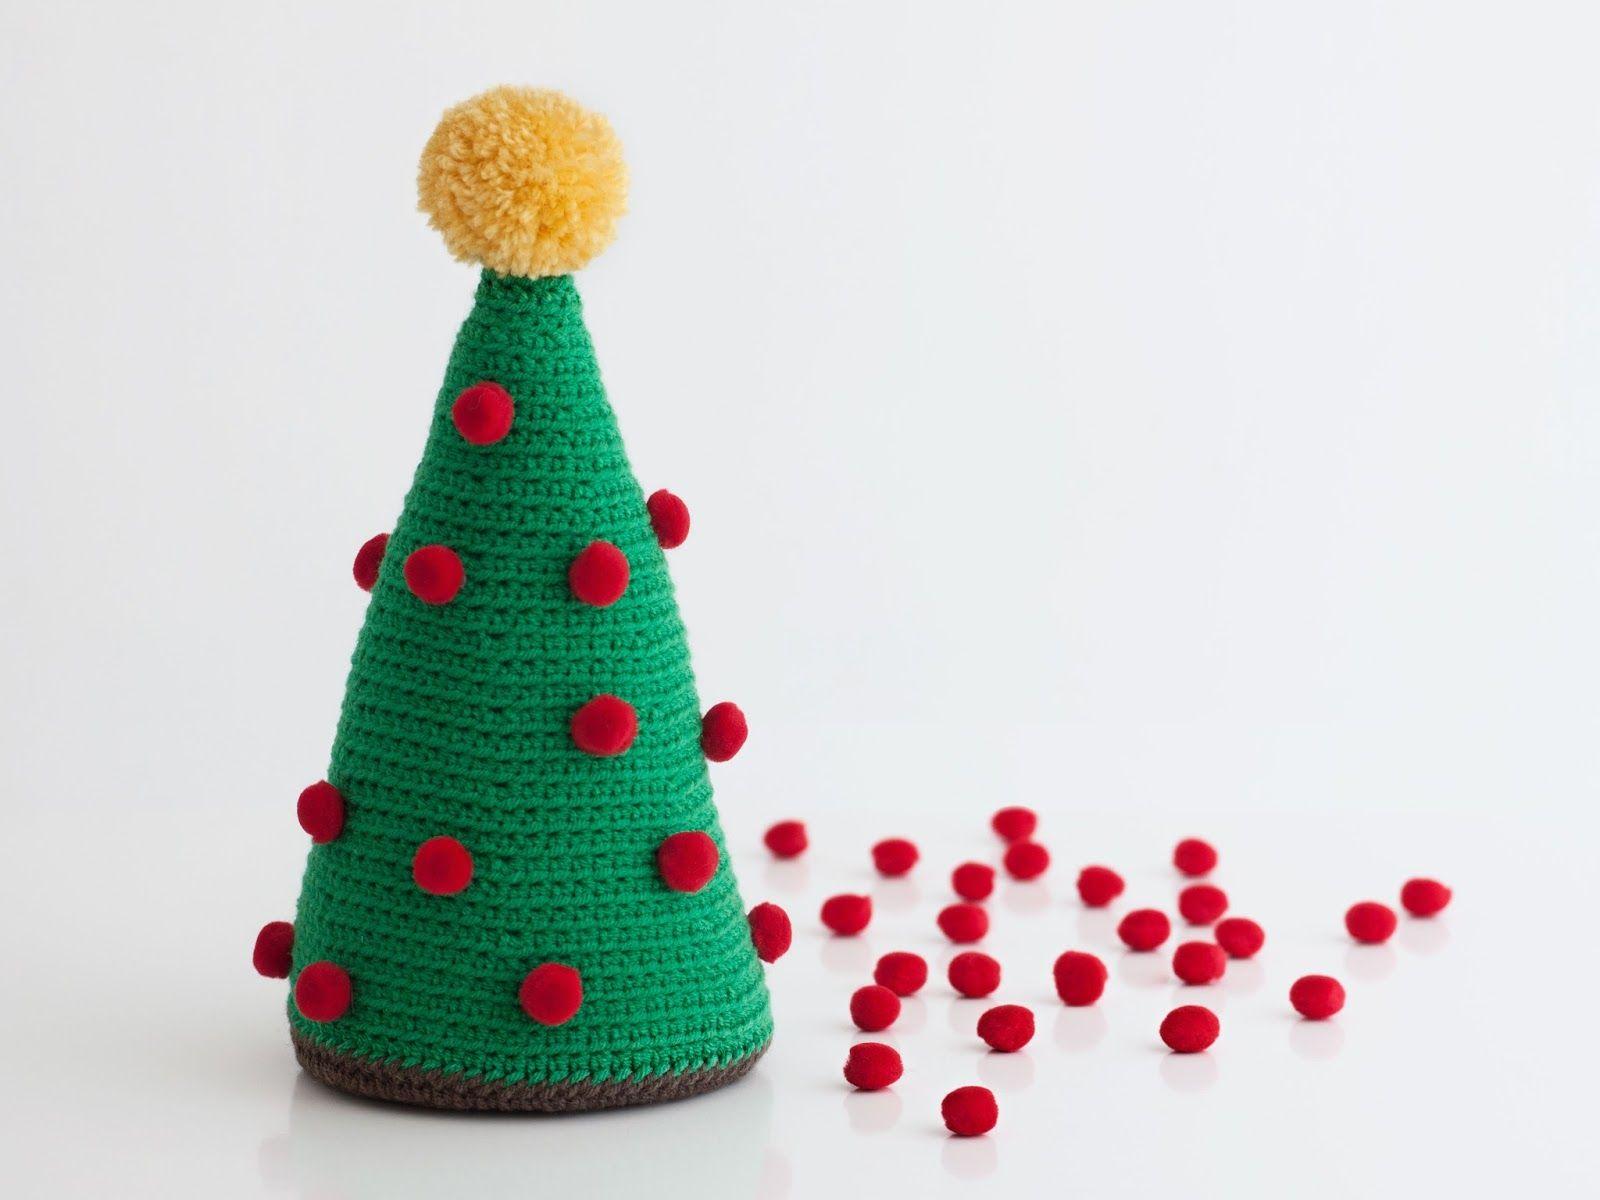 Único Las Pautas De Ganchillo Adornos De Navidad Foto - Coser Ideas ...